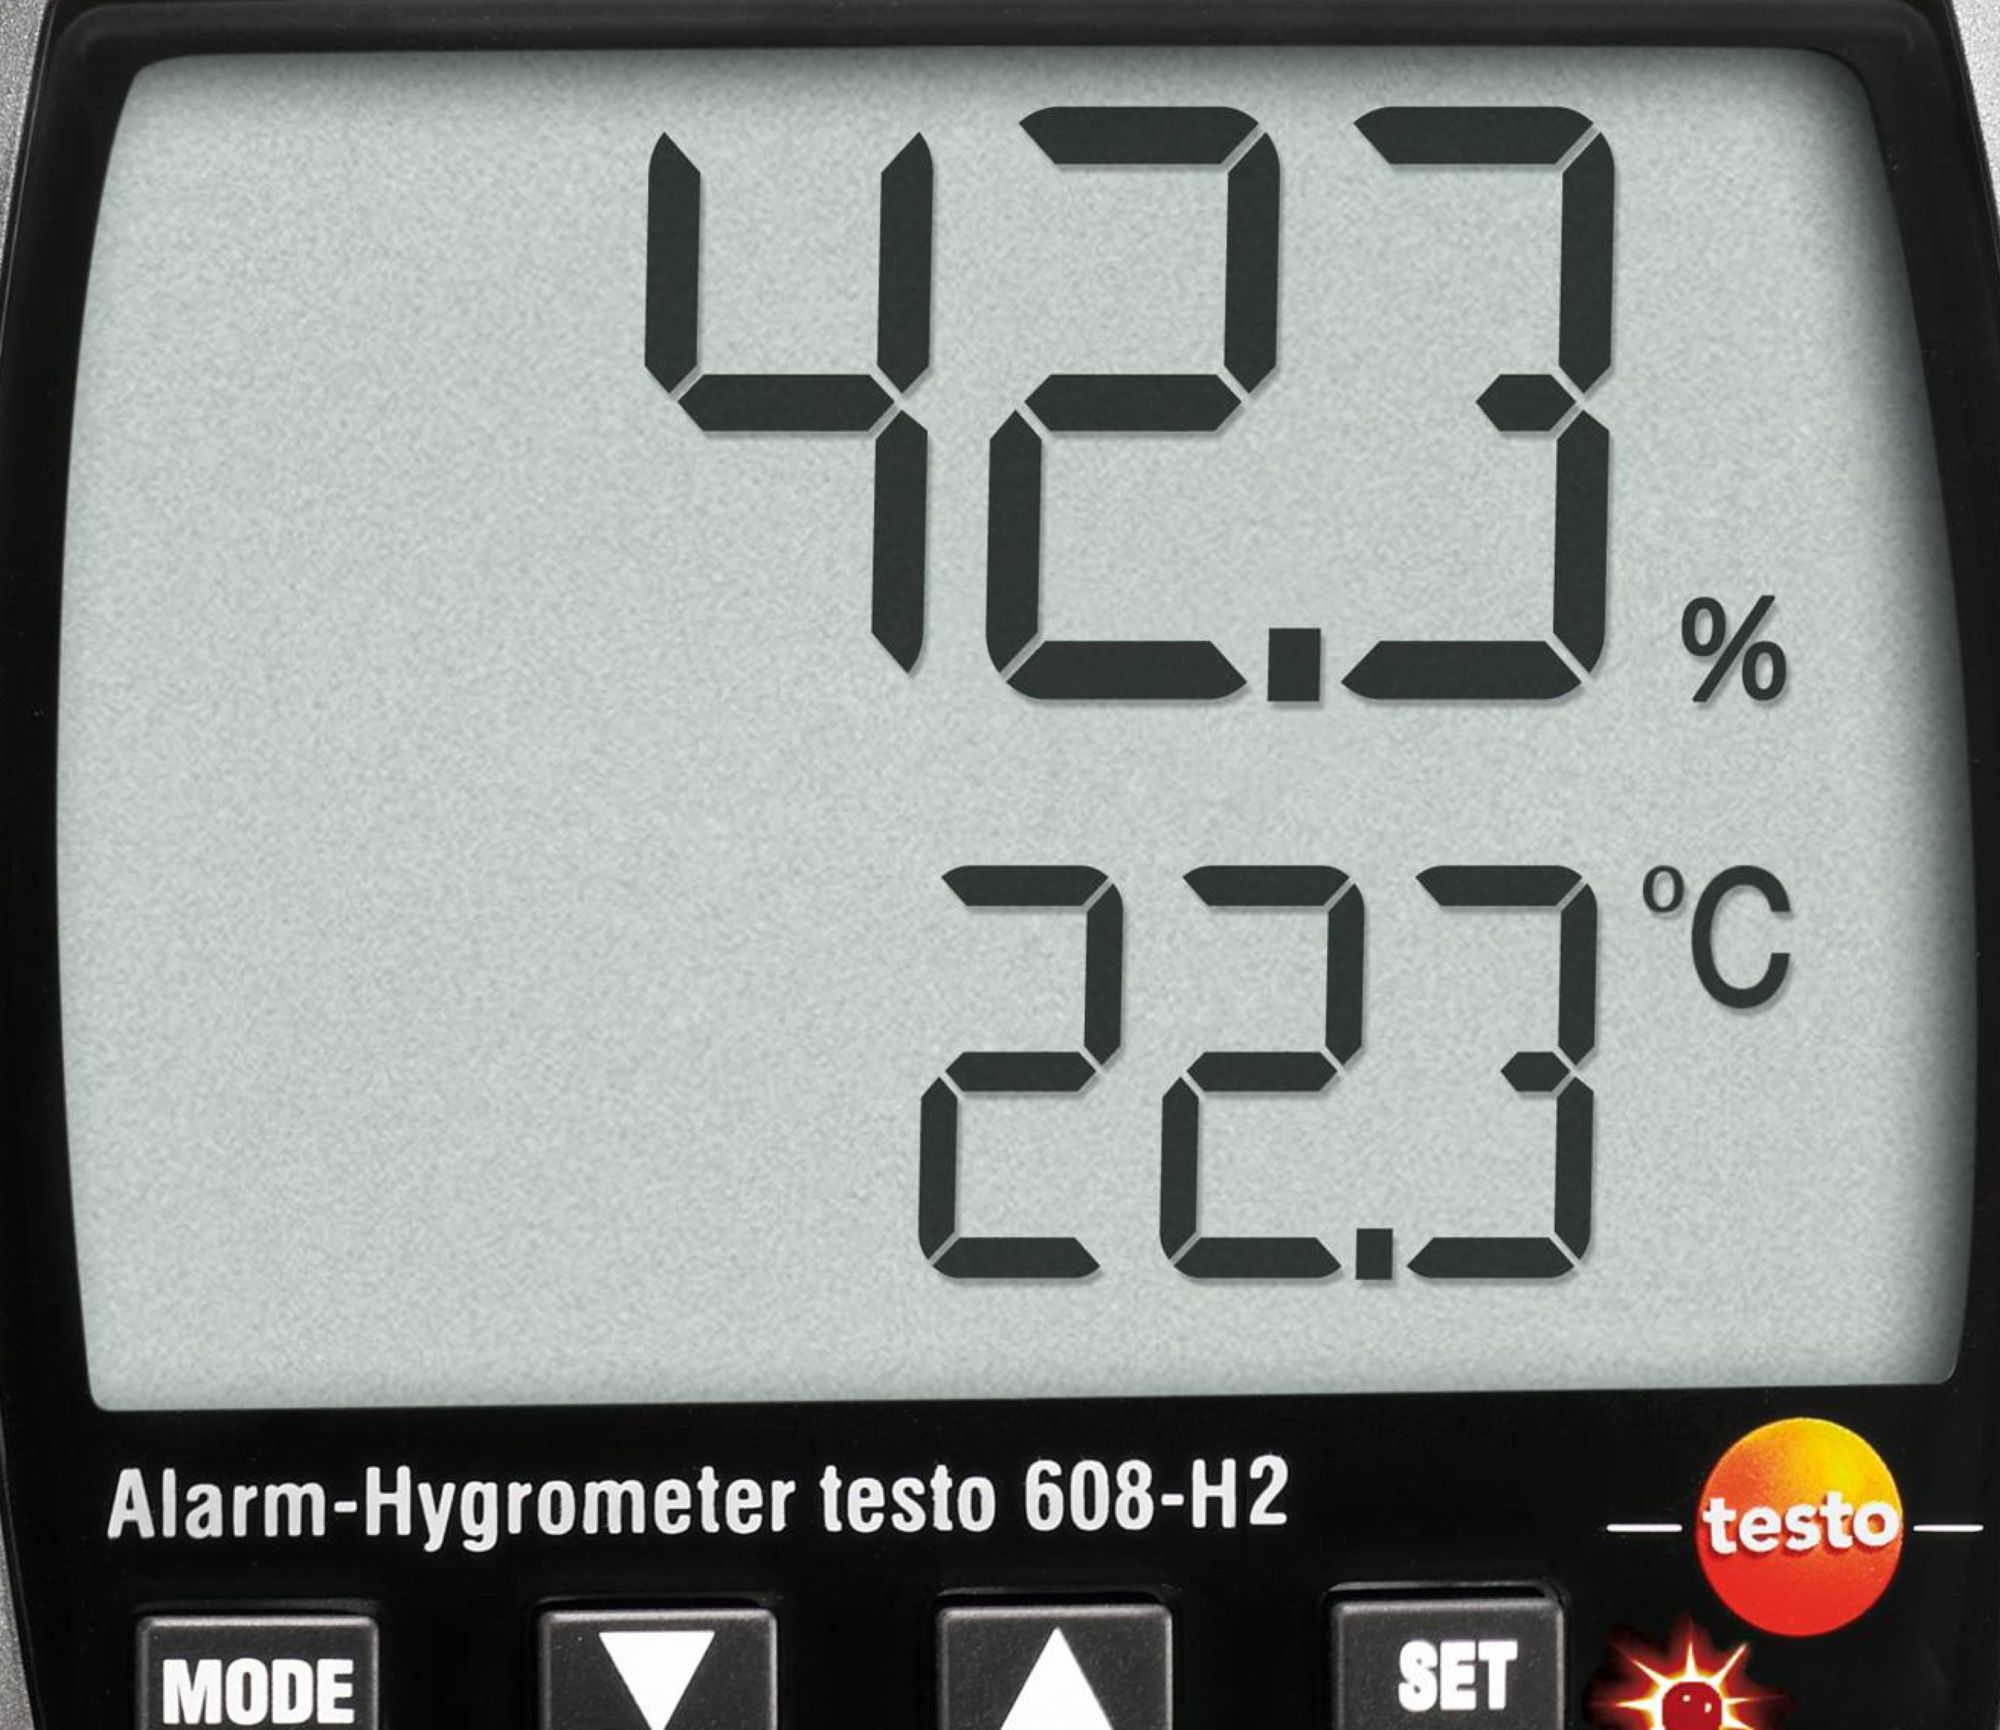 testo 608-H2 thermo-hygromètre